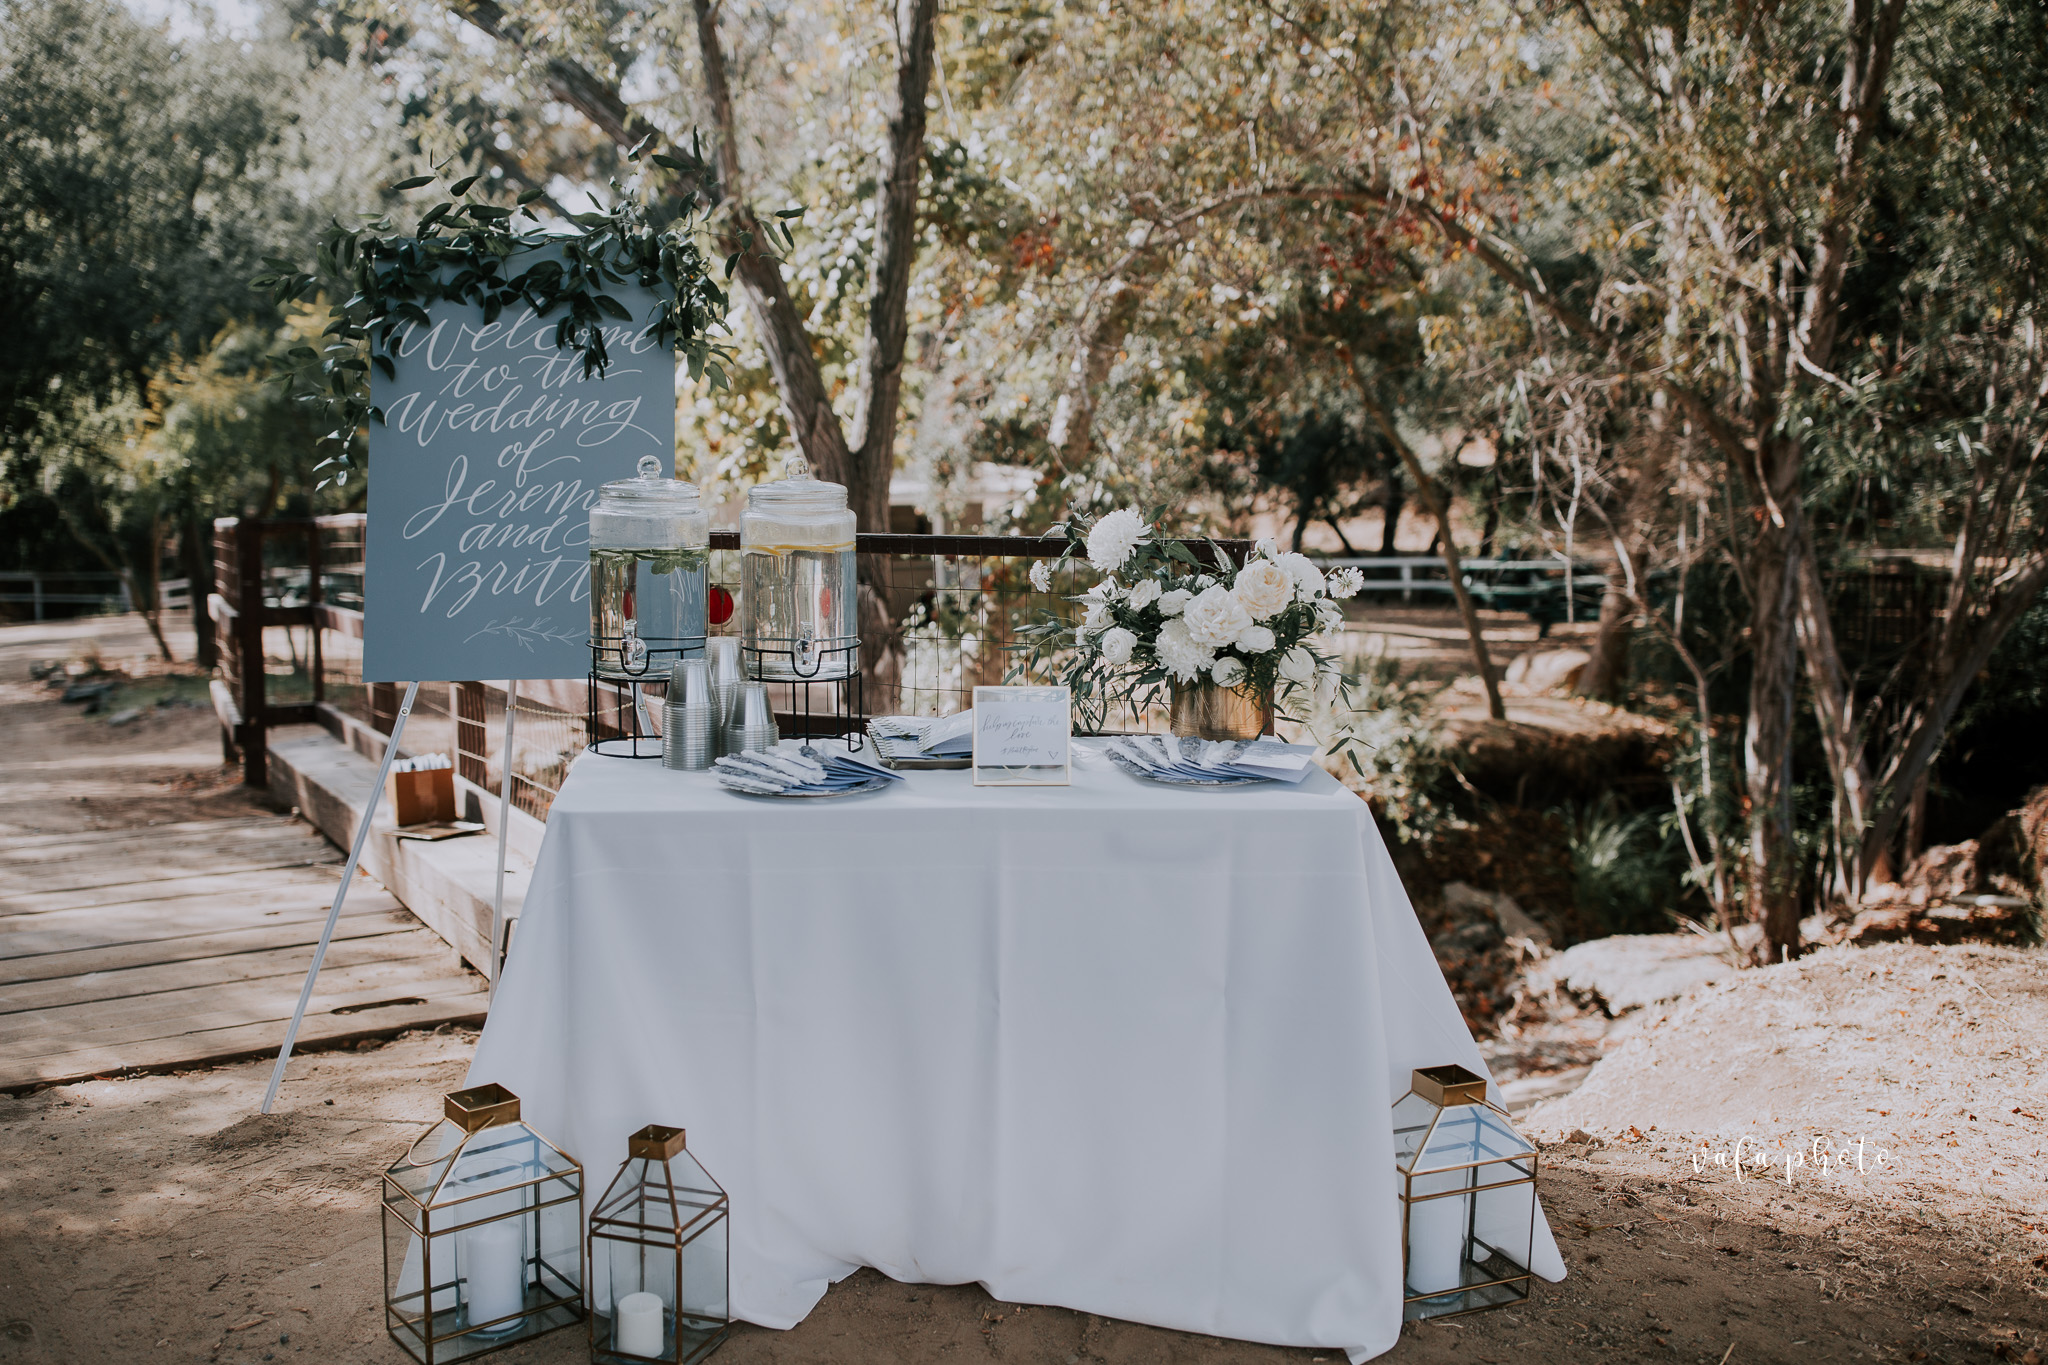 Southern-California-Wedding-Britt-Nilsson-Jeremy-Byrne-Vafa-Photo-309.jpg